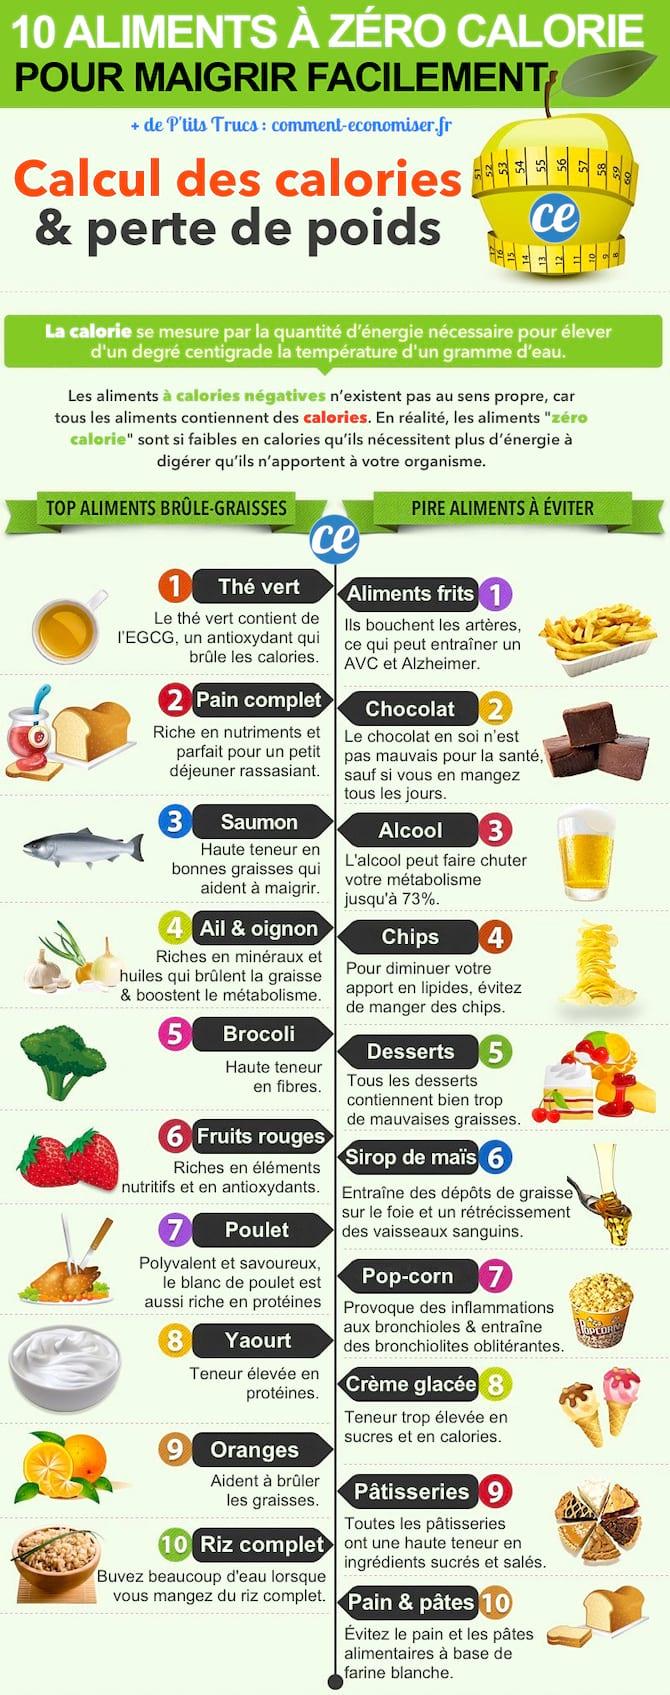 Réparer un métabolisme cassé : découvrez le reverse dieting.   Florie Cossu